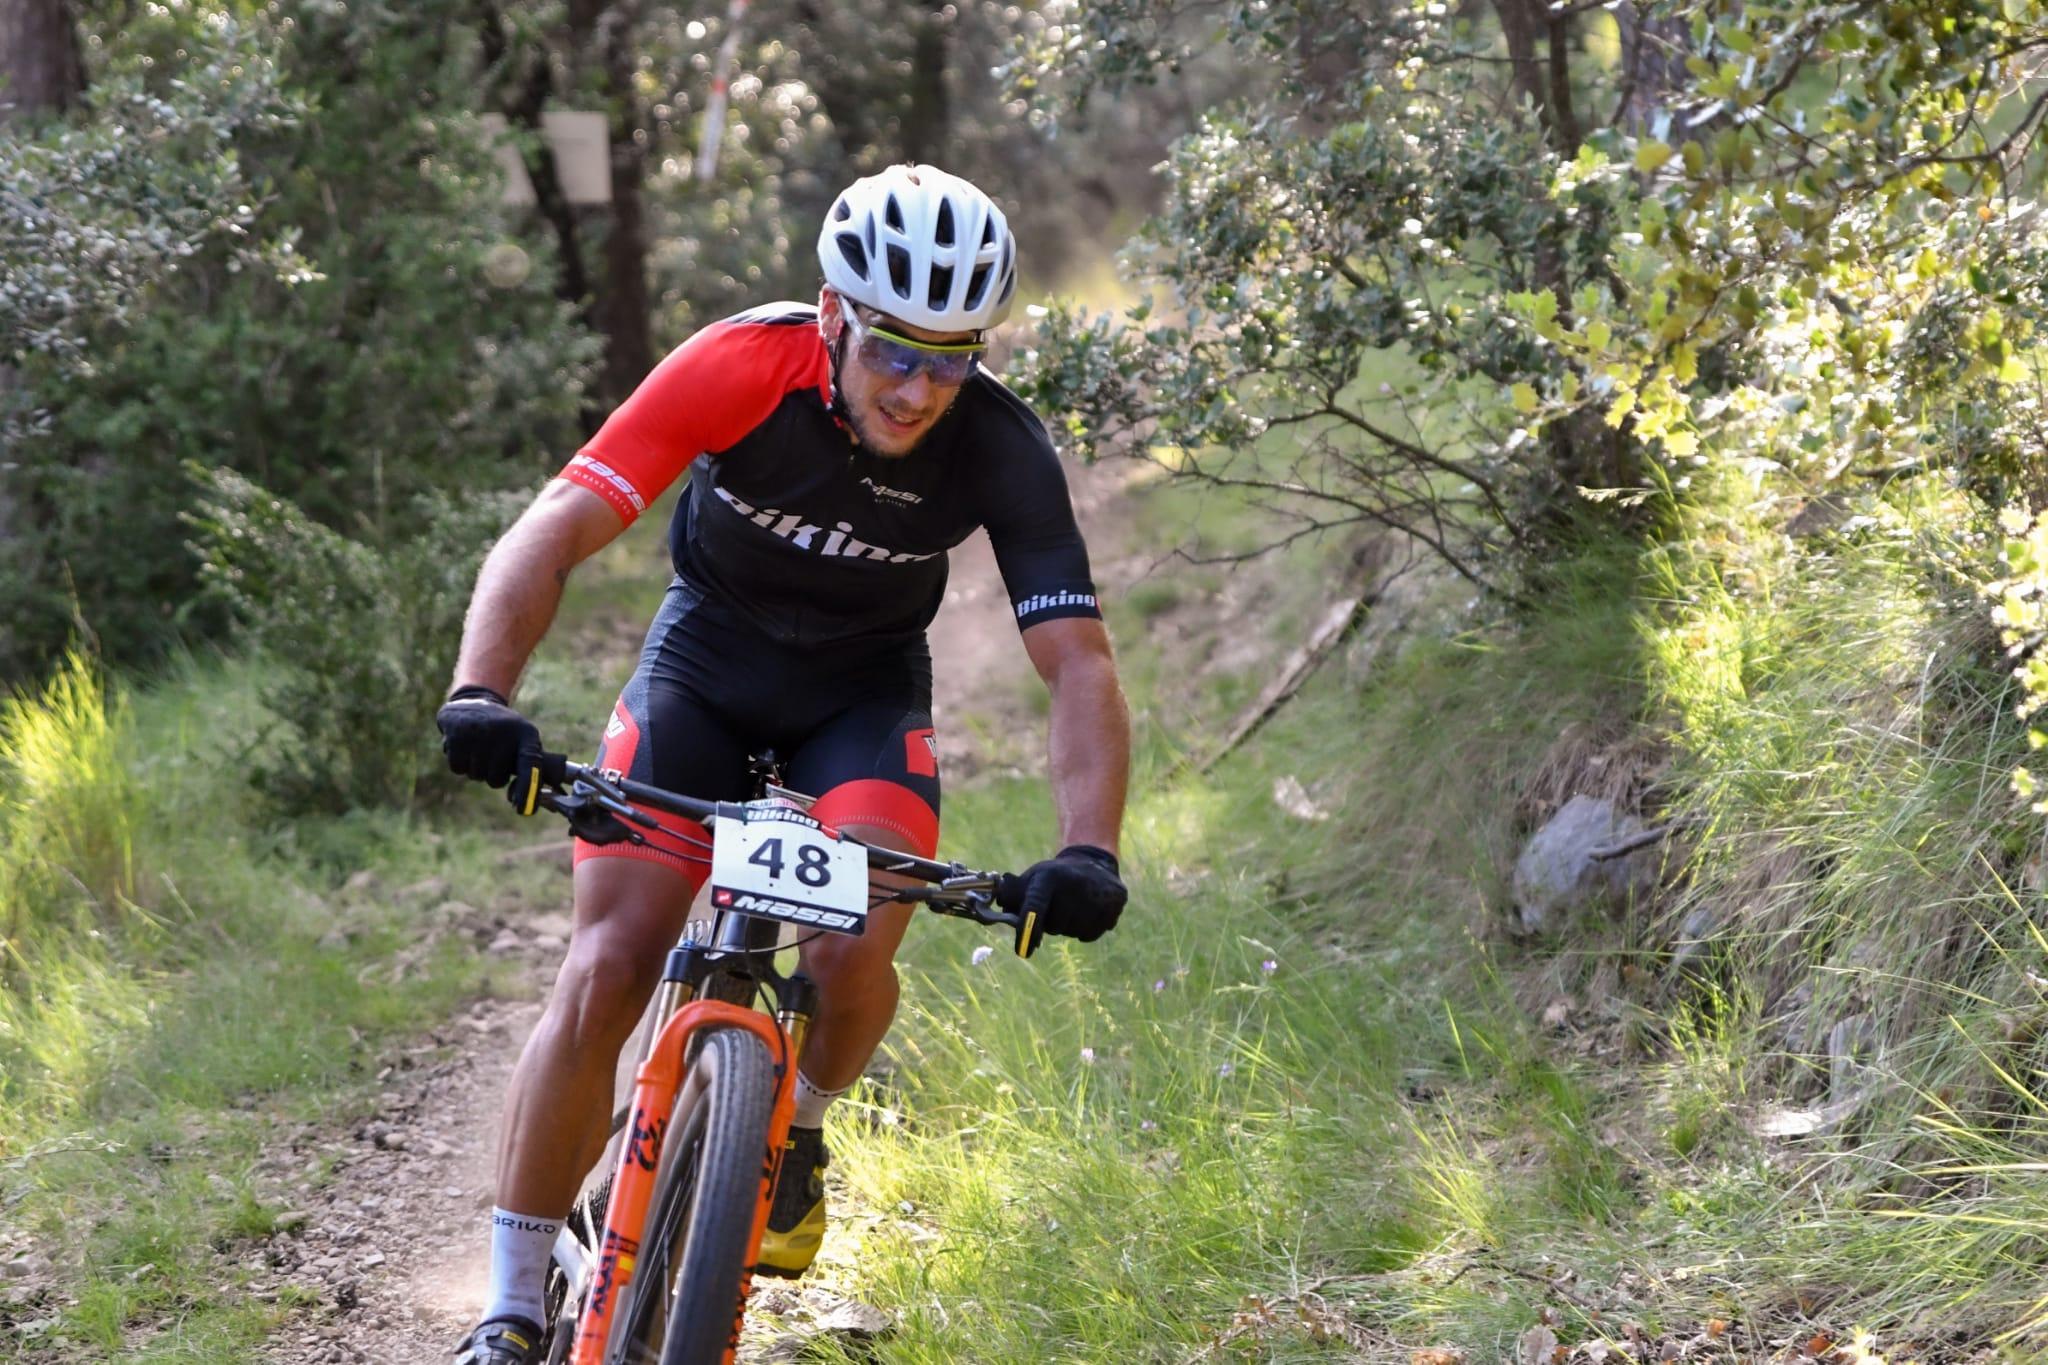 Christofer Bosque apura para ganar y Clàudia Galicia no da ninguna opción en el regreso de la Copa Catalana Internacional Biking Point en La Vall de L